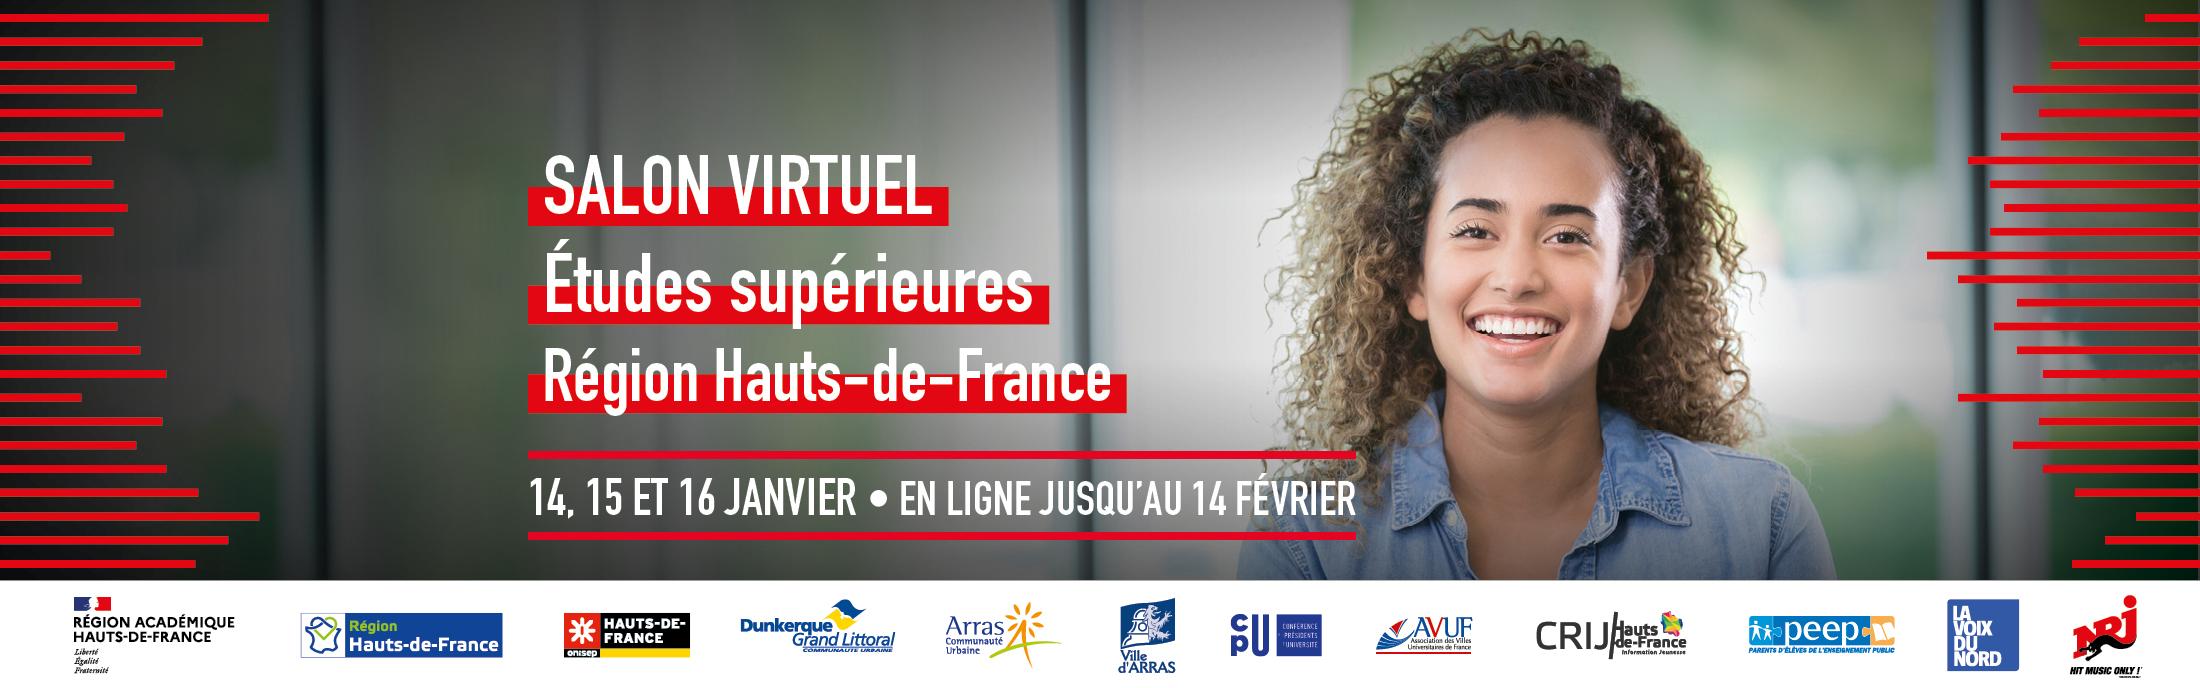 Salon virtuel des études supérieures – région Hauts-de-France – 14 au 16 janvier 2021